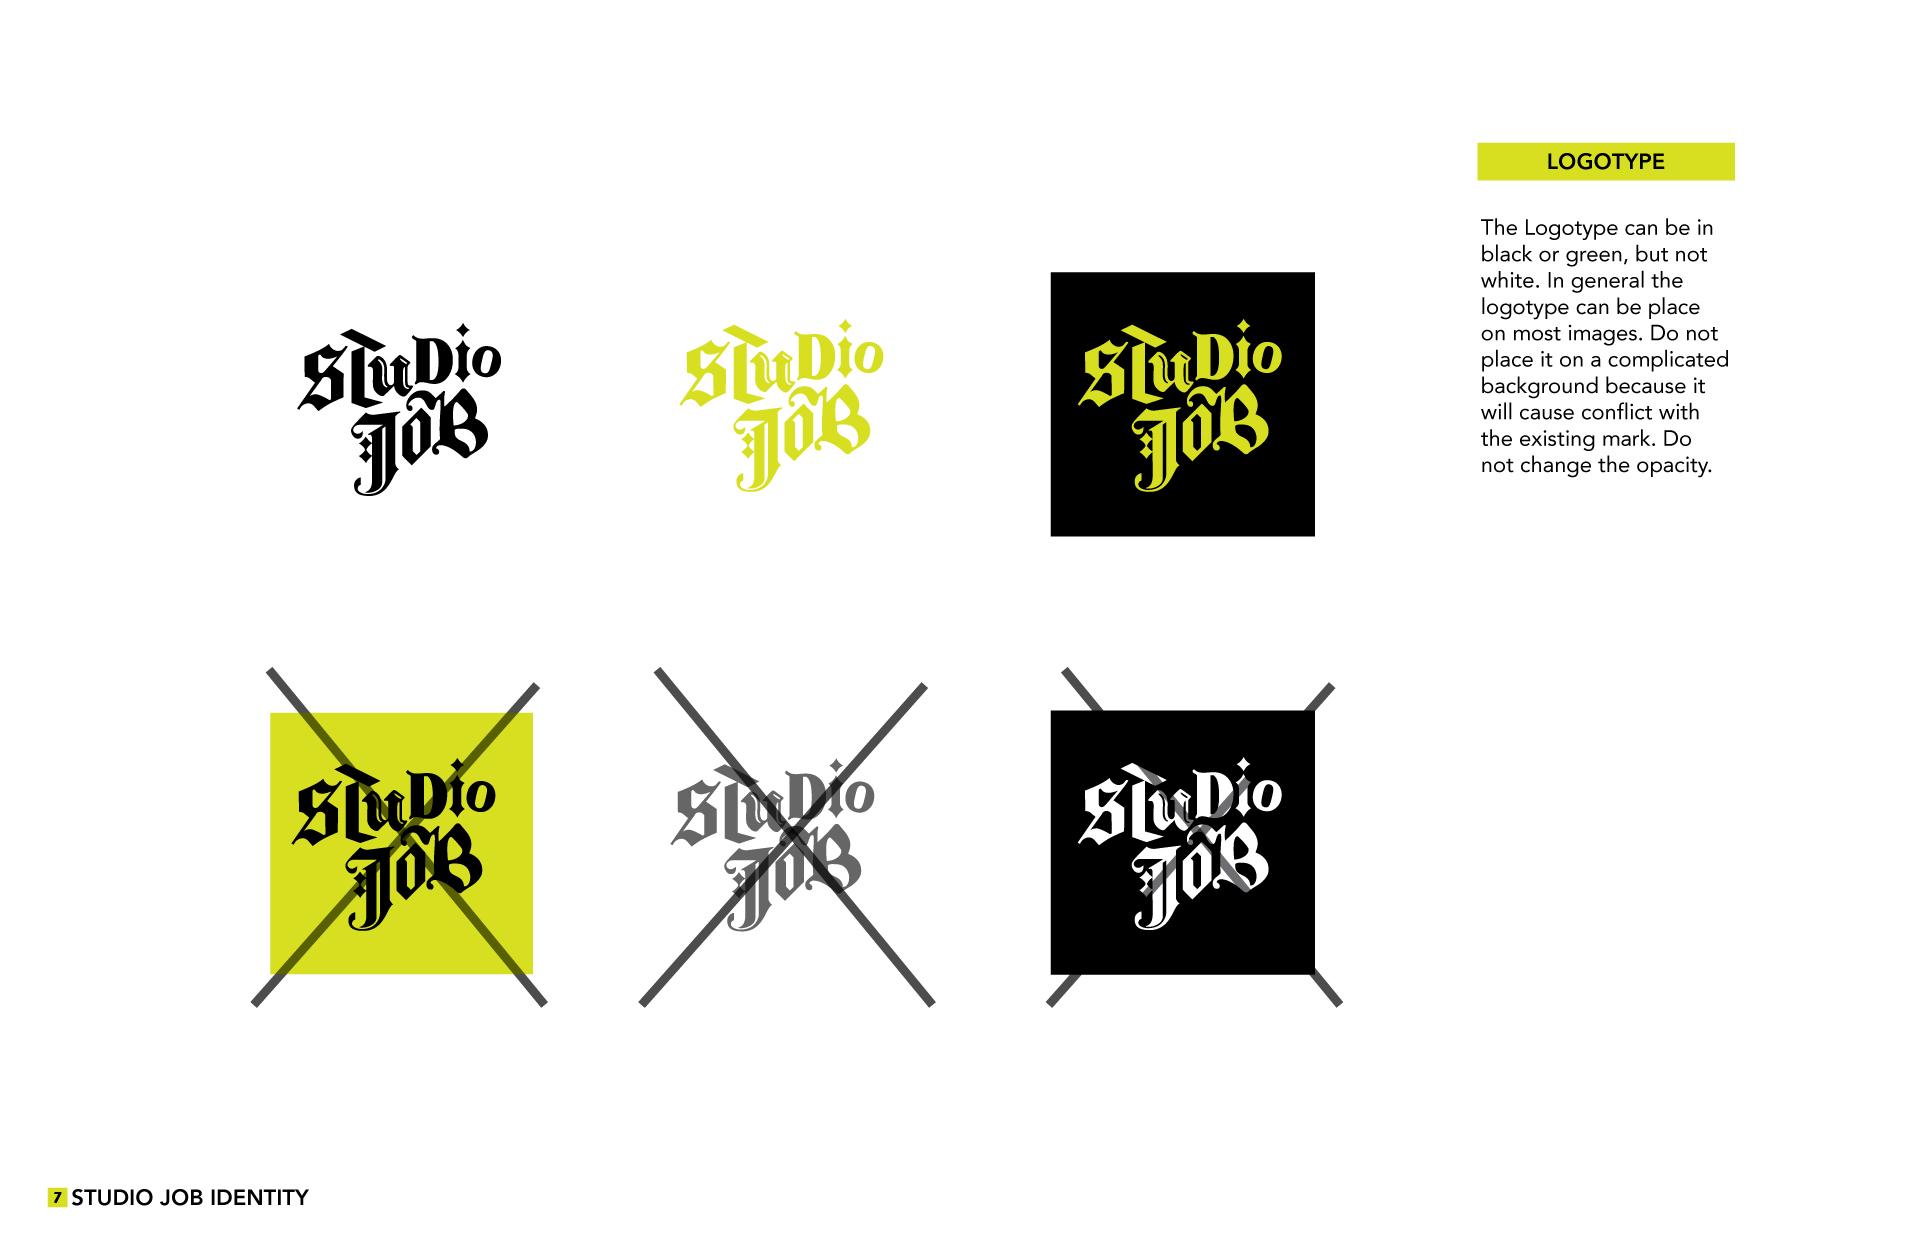 StudioJob_Styleguide7.jpg